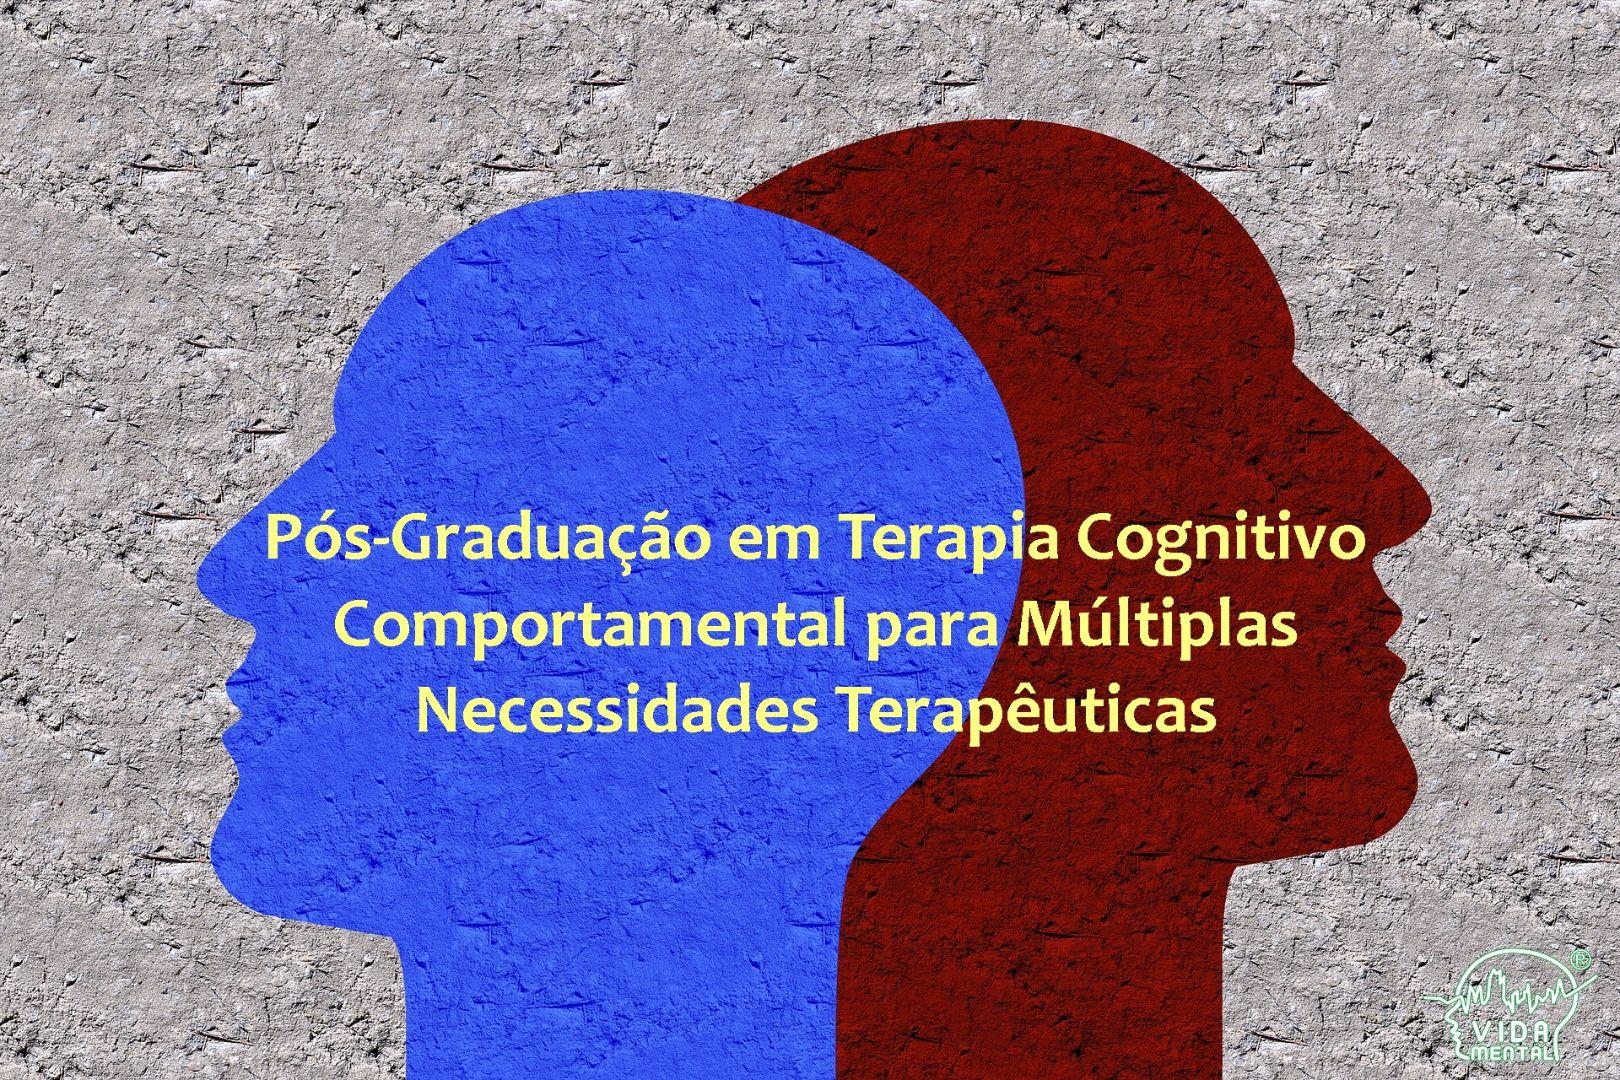 Terapia Cognitivo-Comportamental Para Atuação Em Múltiplas Necessidades Terapêuticas - Goiânia